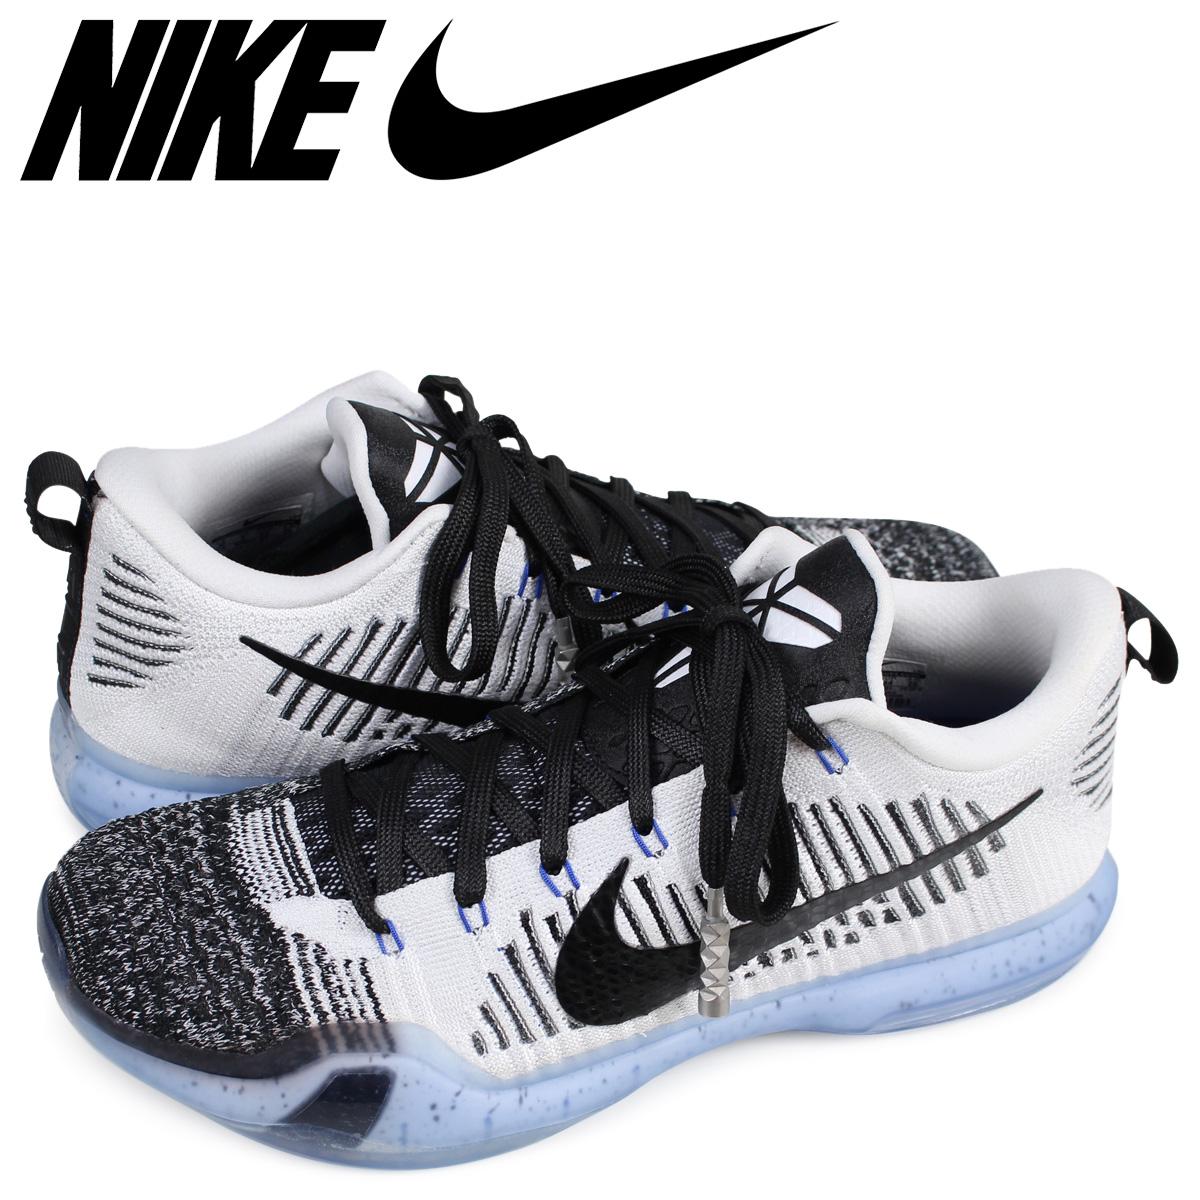 53a3c5d6213a ALLSPORTS  NIKE KOBE 10 ELITE LOW PREMIUM HTM Nike Corby 10 sneakers ...